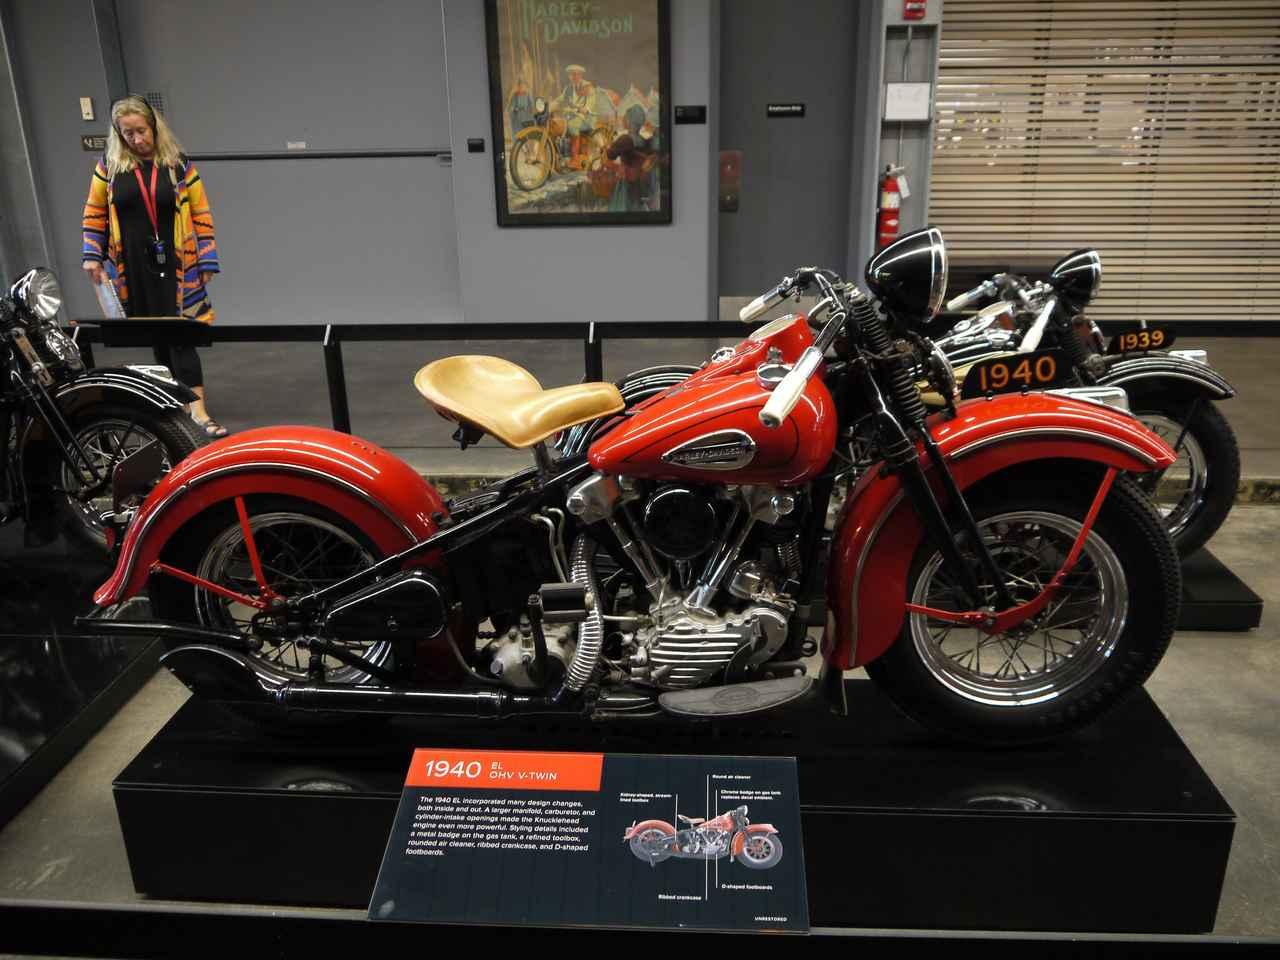 画像: EL(1940) 高校生の頃からずっと憧れているのがこのオートバイ。それがこんなに、サビひとつ無い状態で展示されているとは……ハーレーダビッドソンの美しさを体現していると個人的には思っています。